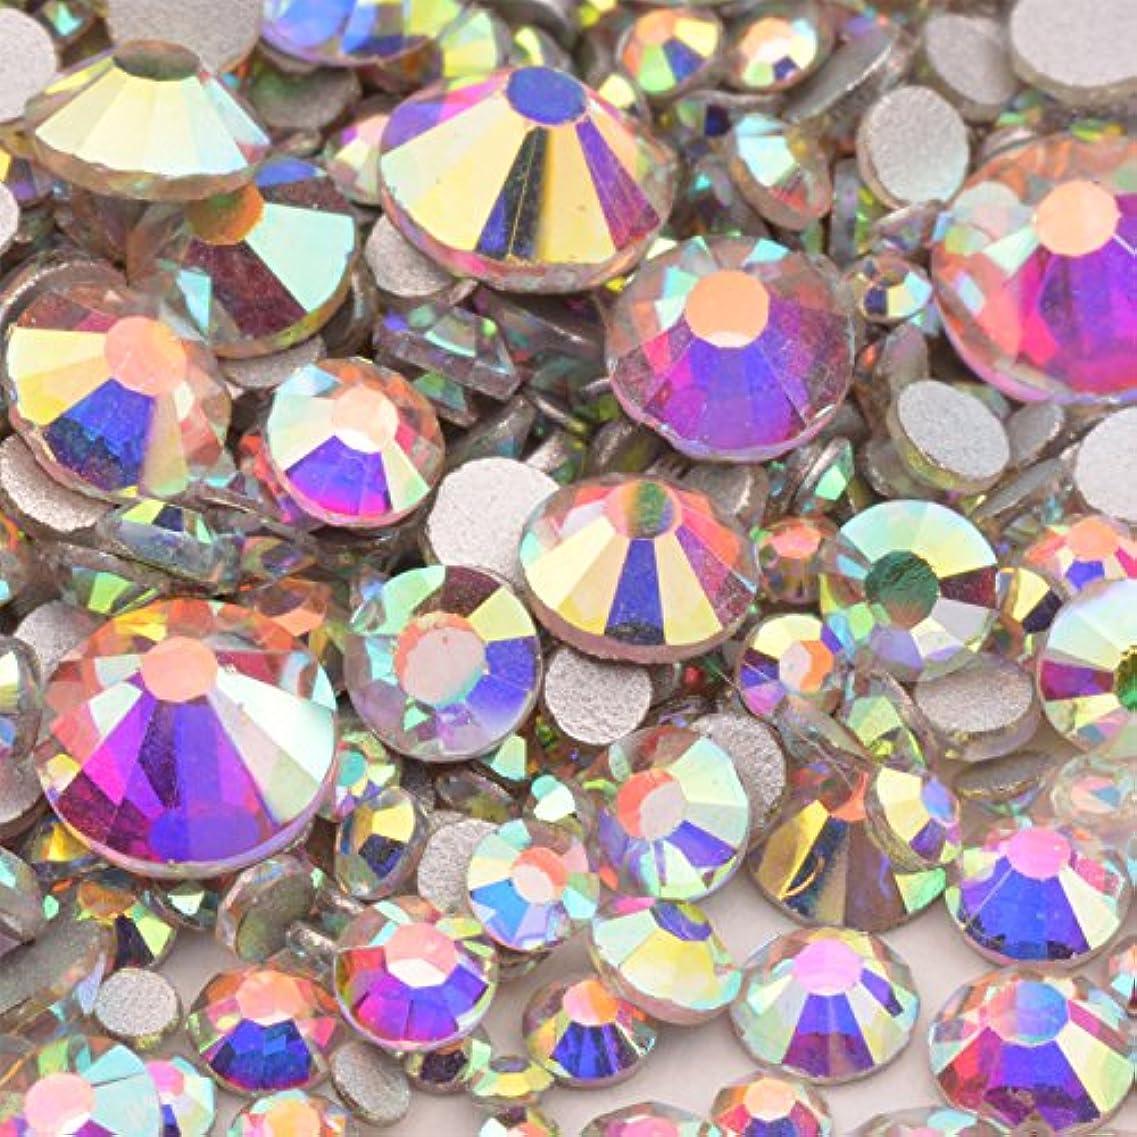 メンタル加害者報告書AQUA CRYSTAL 高品質ガラスストーン mixサイズ SS20 SS16 SS12 SS10 SS8 SS6 SS4 SS3 (入数1000粒以上) (オーロラmix)